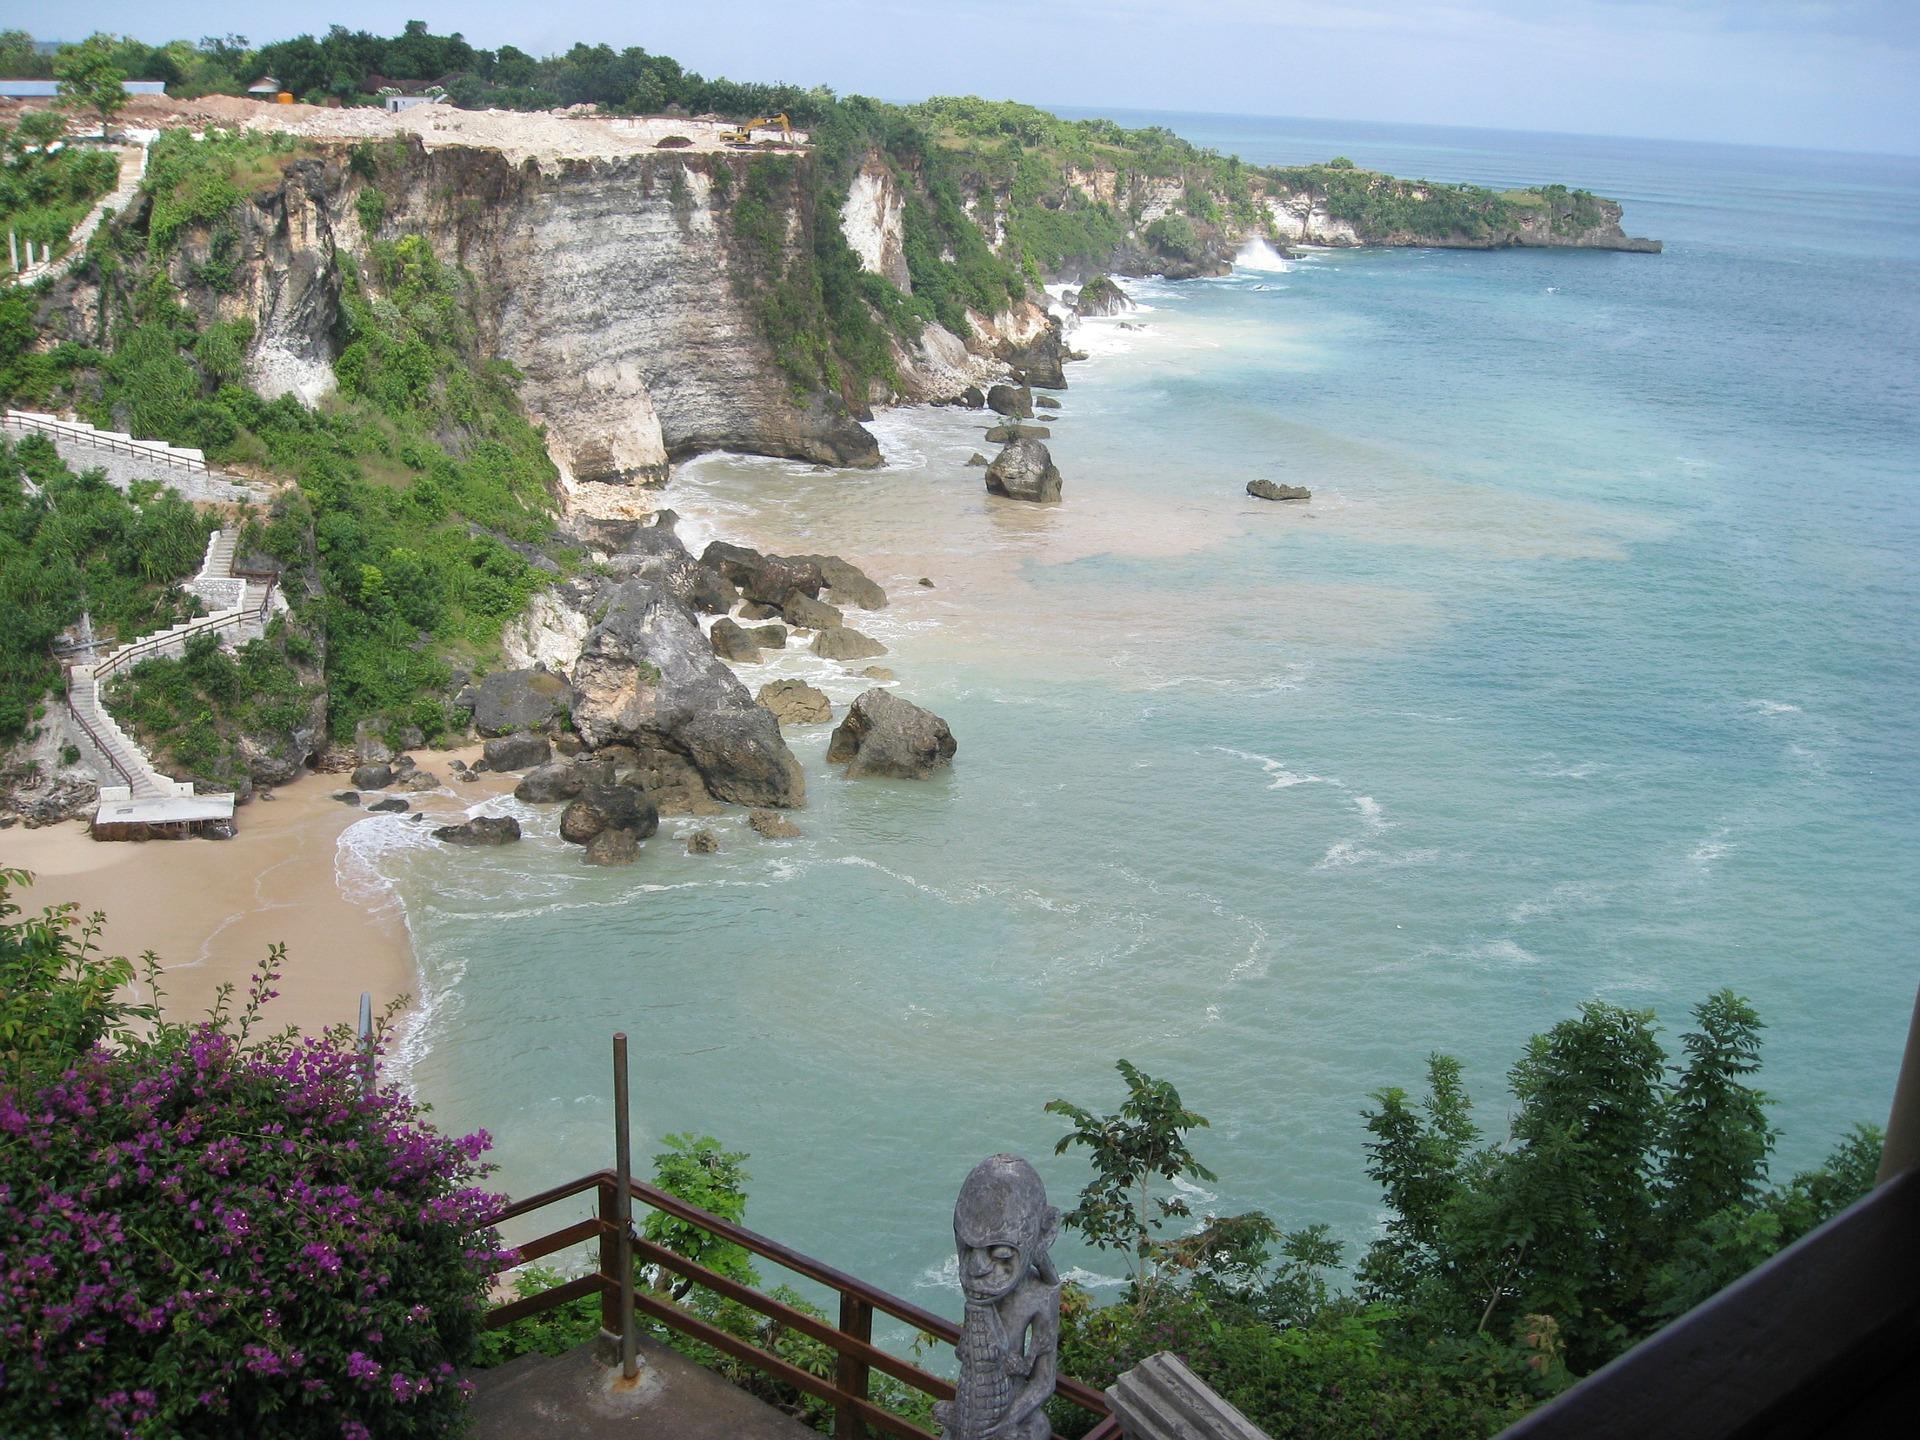 Die Strände in Indonesien vorallem auf Bali sind ein Traum